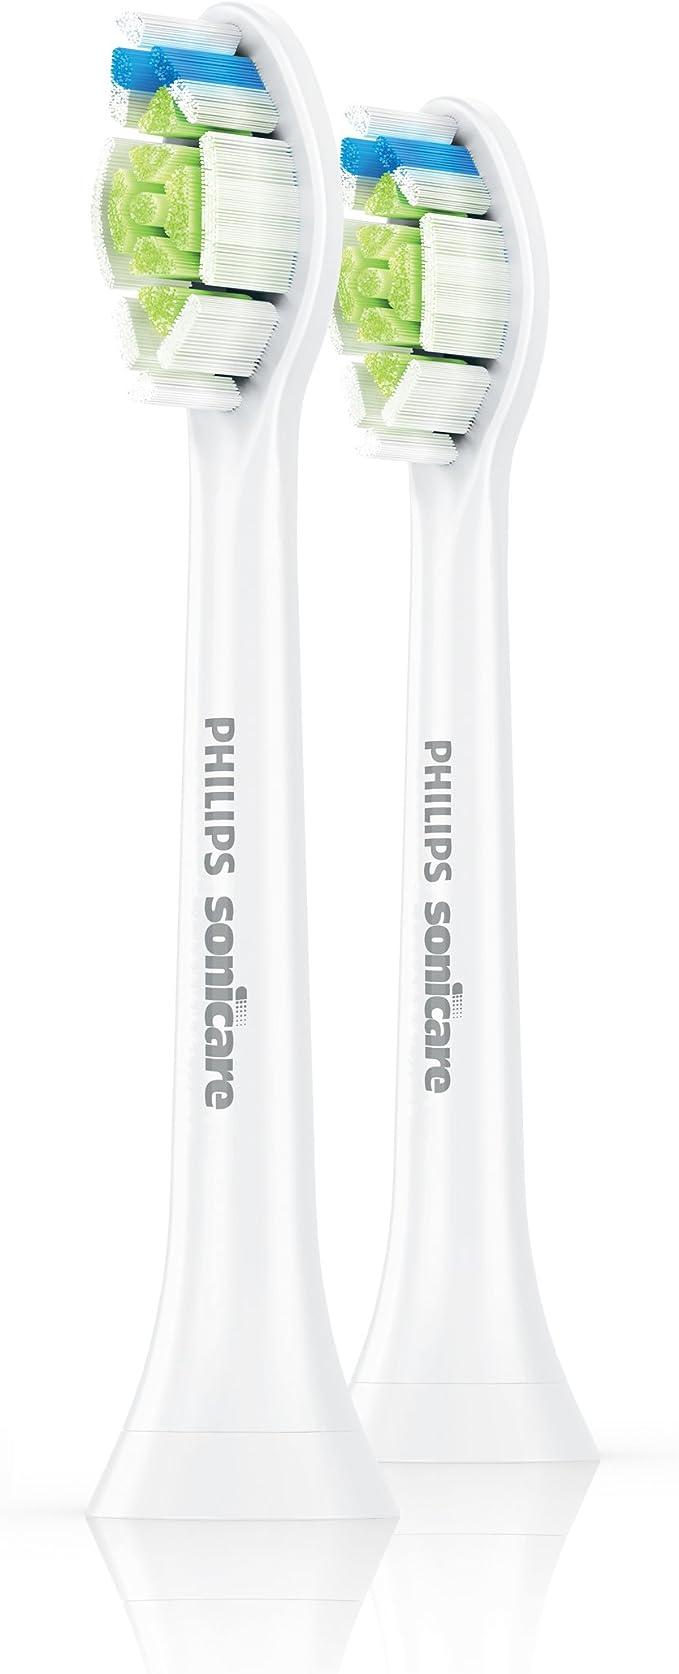 Philips Sonicare DiamondClean HX6062/07 - Set de 2 cabezales estándar para cepillo de dientes eléctrico, color blanco: Amazon.es: Salud y cuidado personal